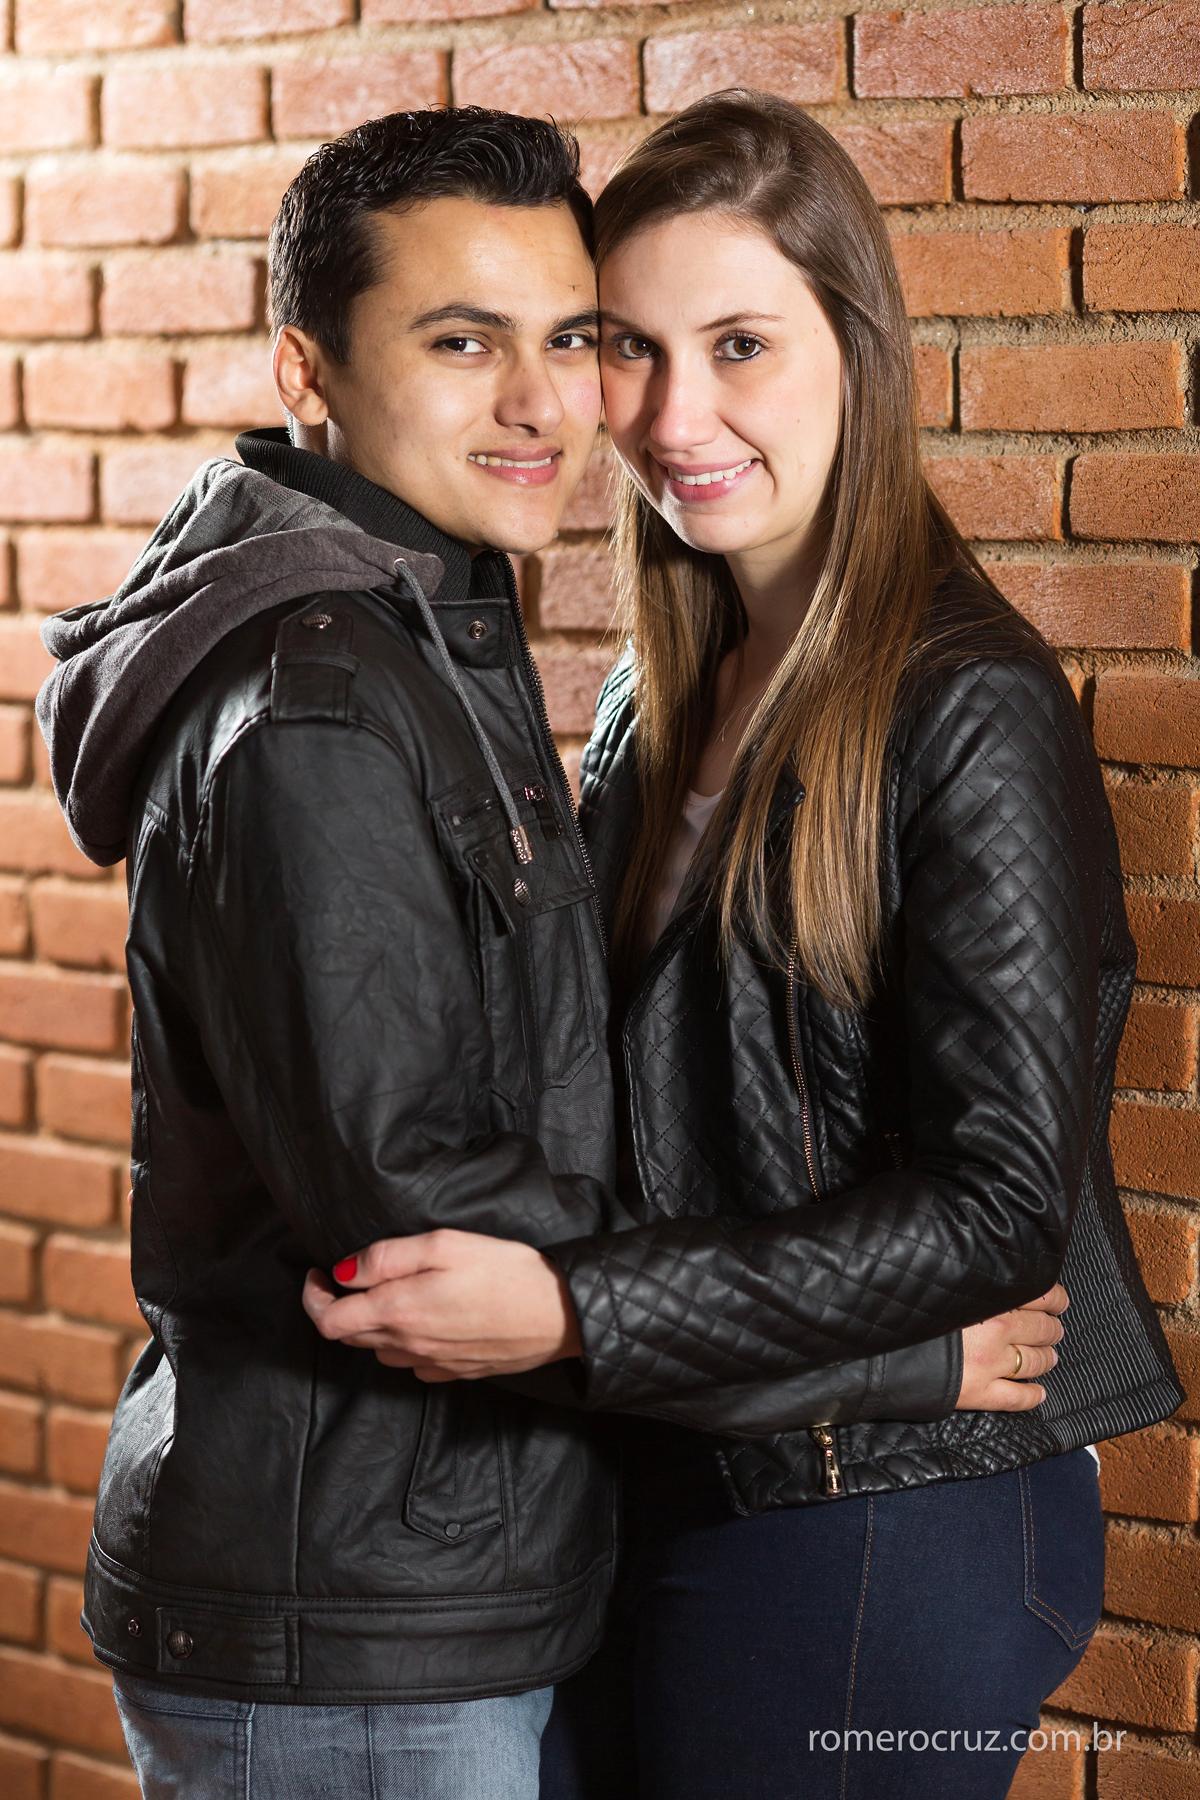 Ensaio pré-casamento dos noivos Mariana e Hosman fotografado pelo Fotógrafo Romero Cruz